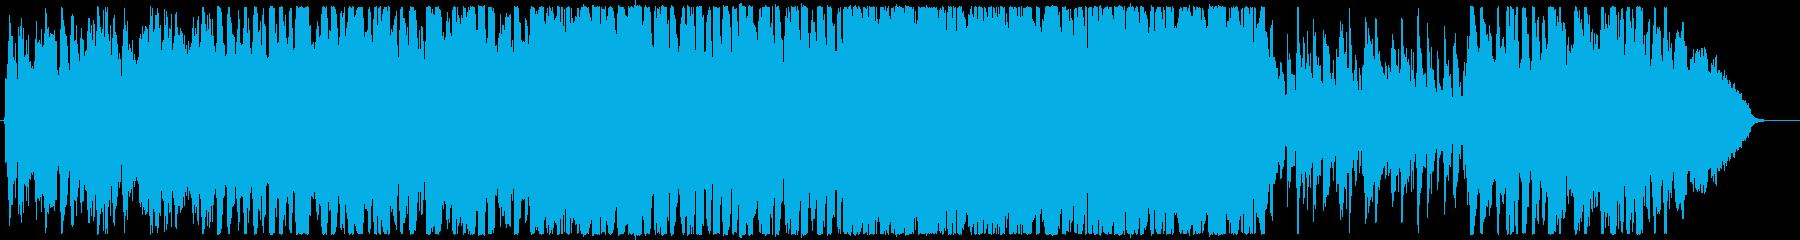 おしゃれ3の再生済みの波形